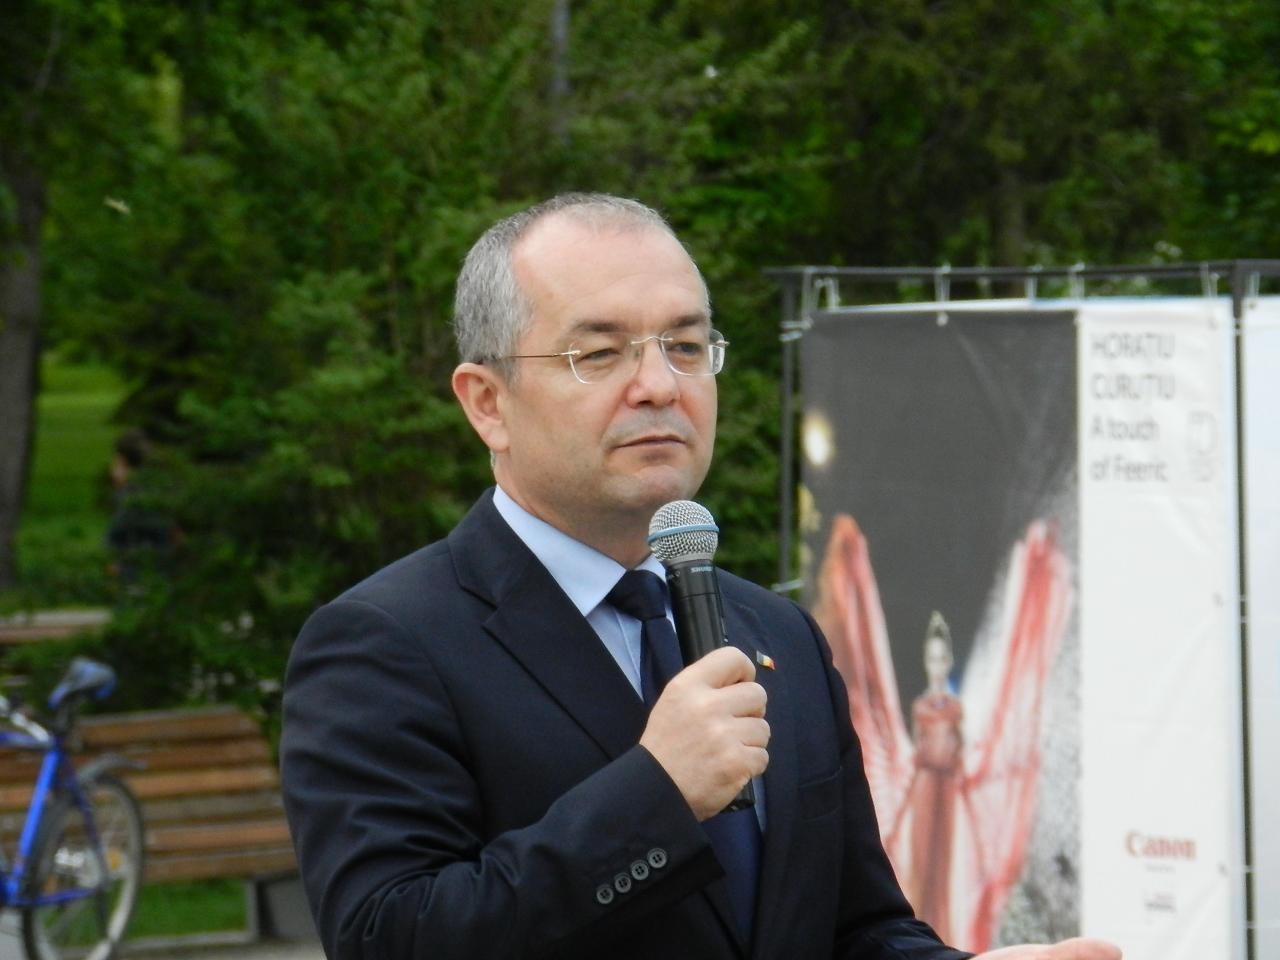 """Primarul Emil Boc s-a declarat împotriva pensiilor speciale pentru aleșii locali: """"Primarii trebuie să aibă salarii decente, să aibă pensii decente și nu pensii speciale"""""""